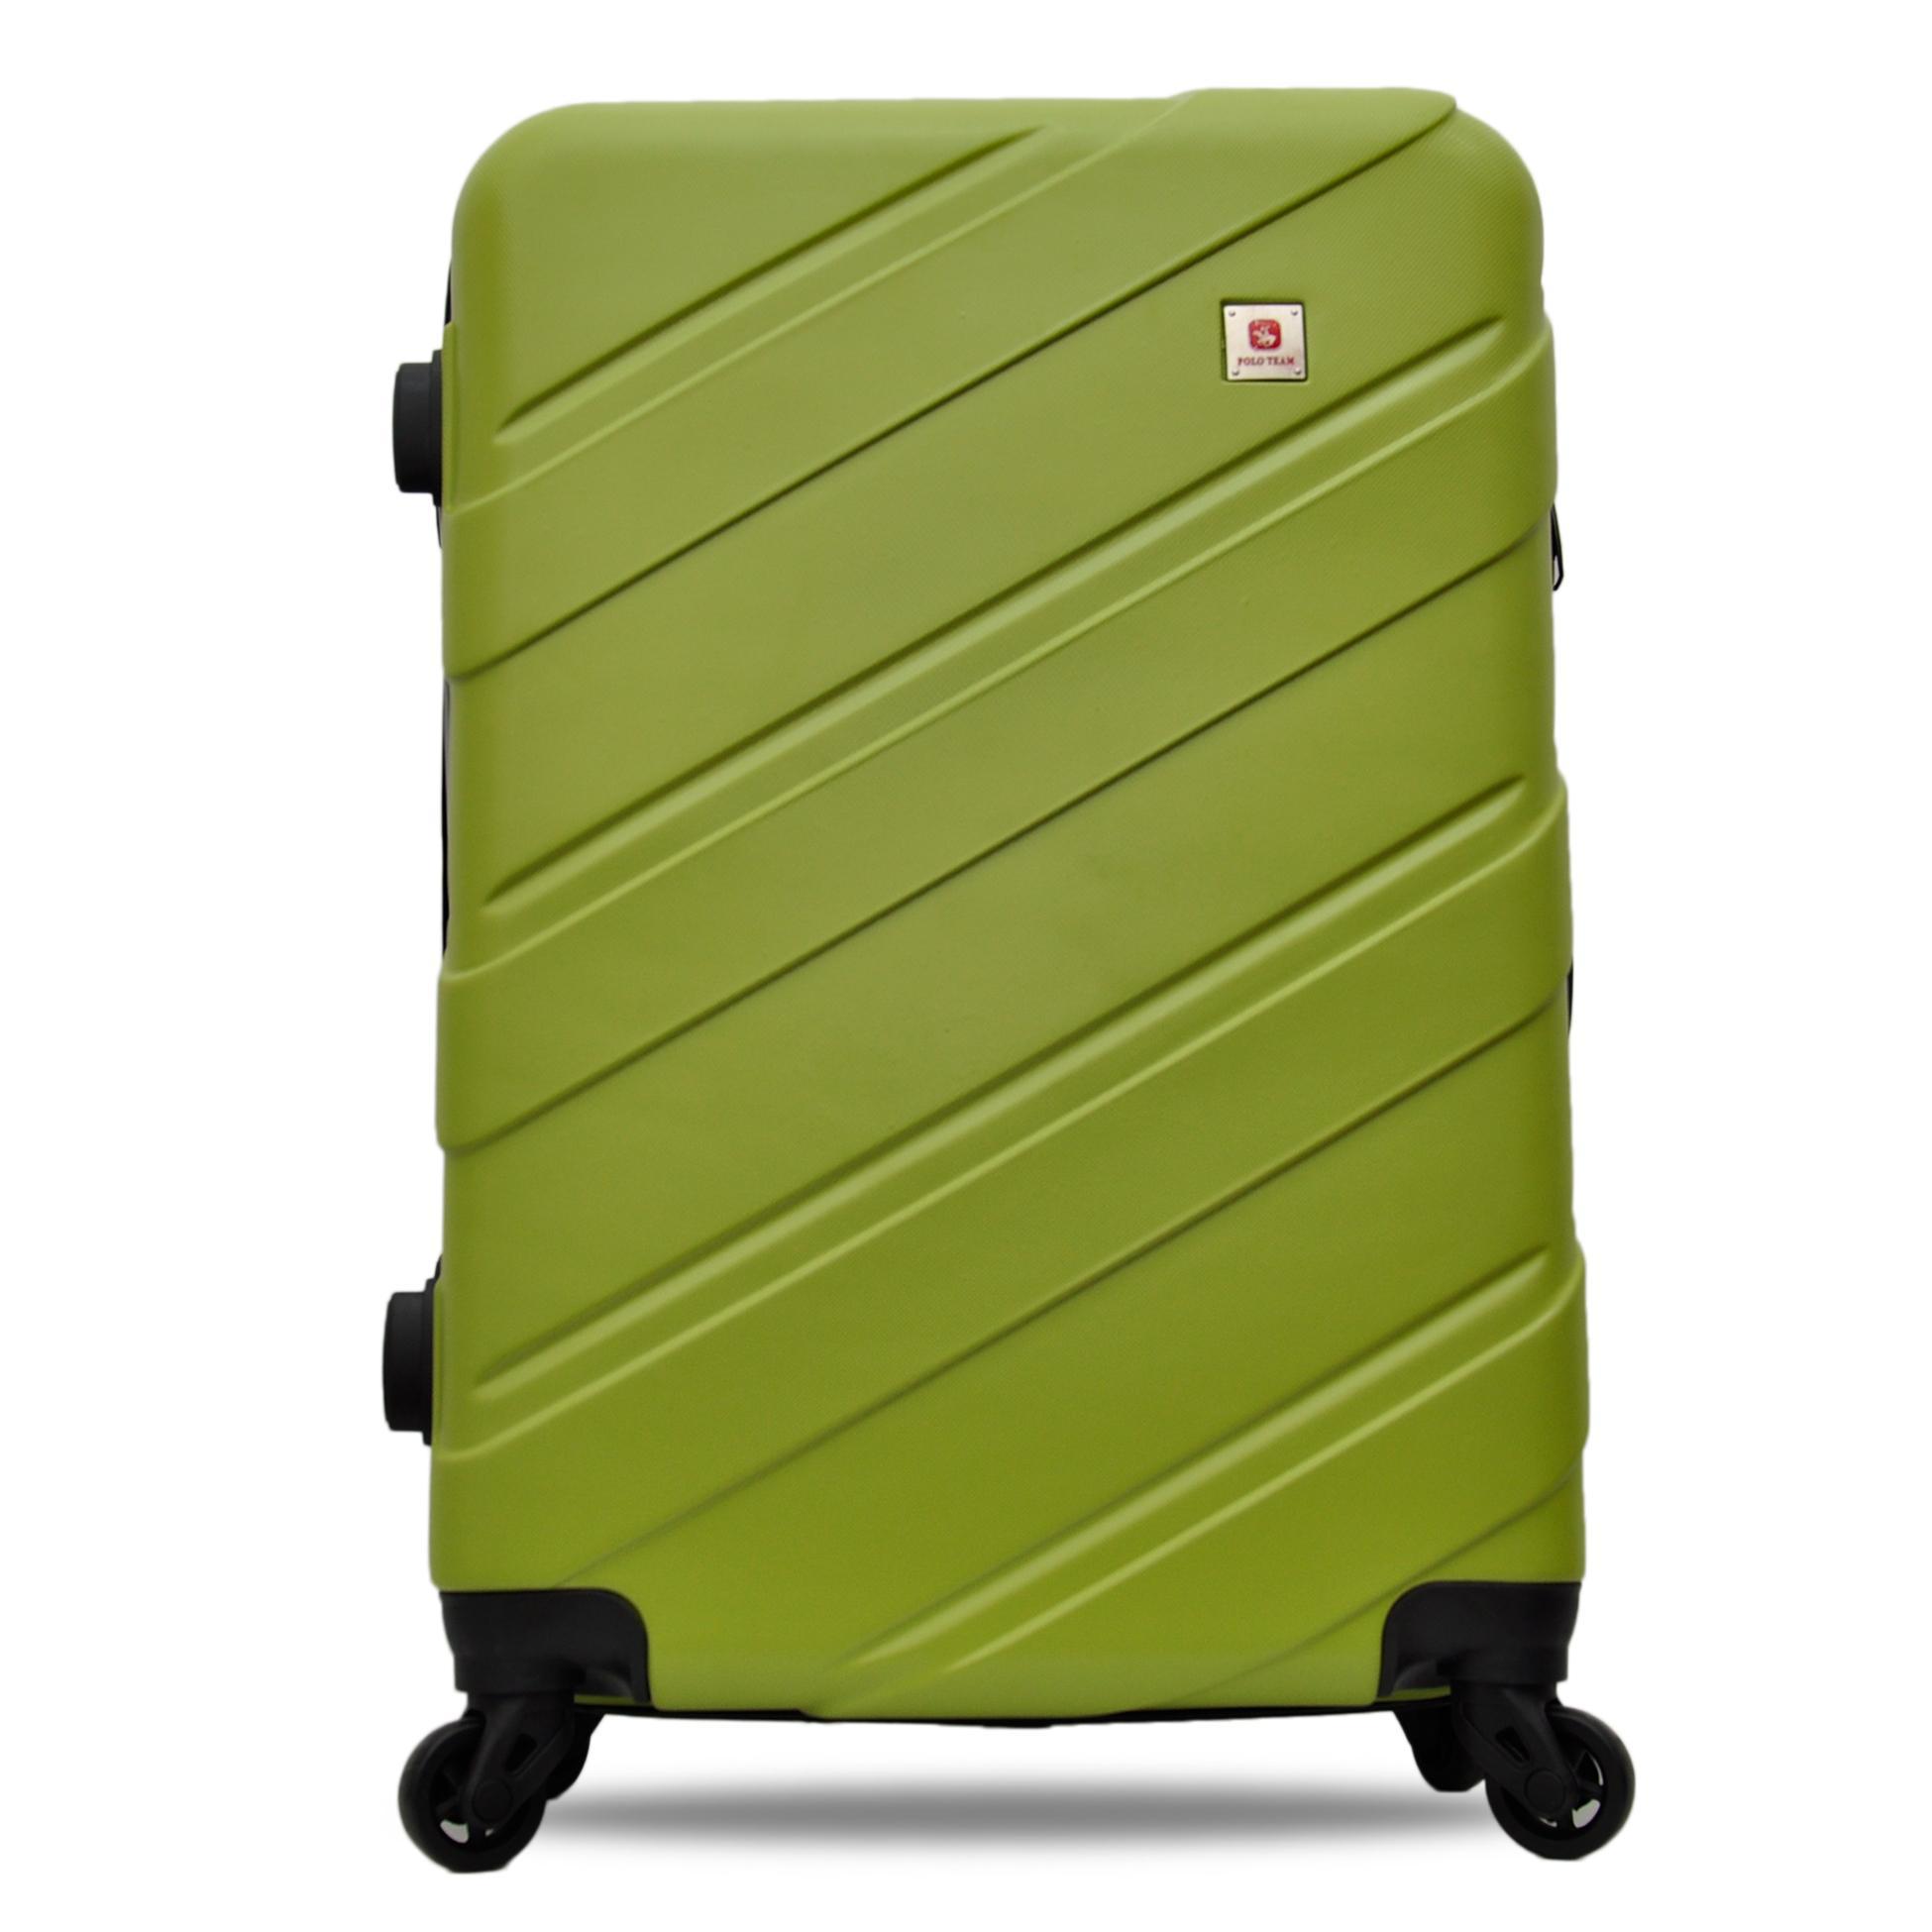 Polo Team Tas Koper Hardcase Size 24 inch 040